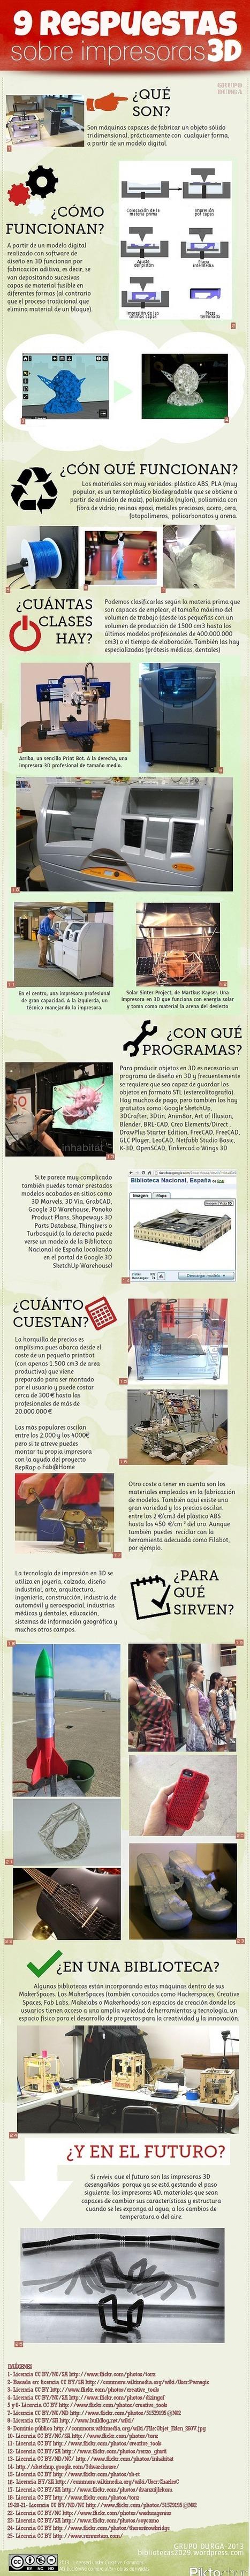 9 respuestas sobre impresoras 3D #Infografía   Programes, aparells, manuals,...   Scoop.it